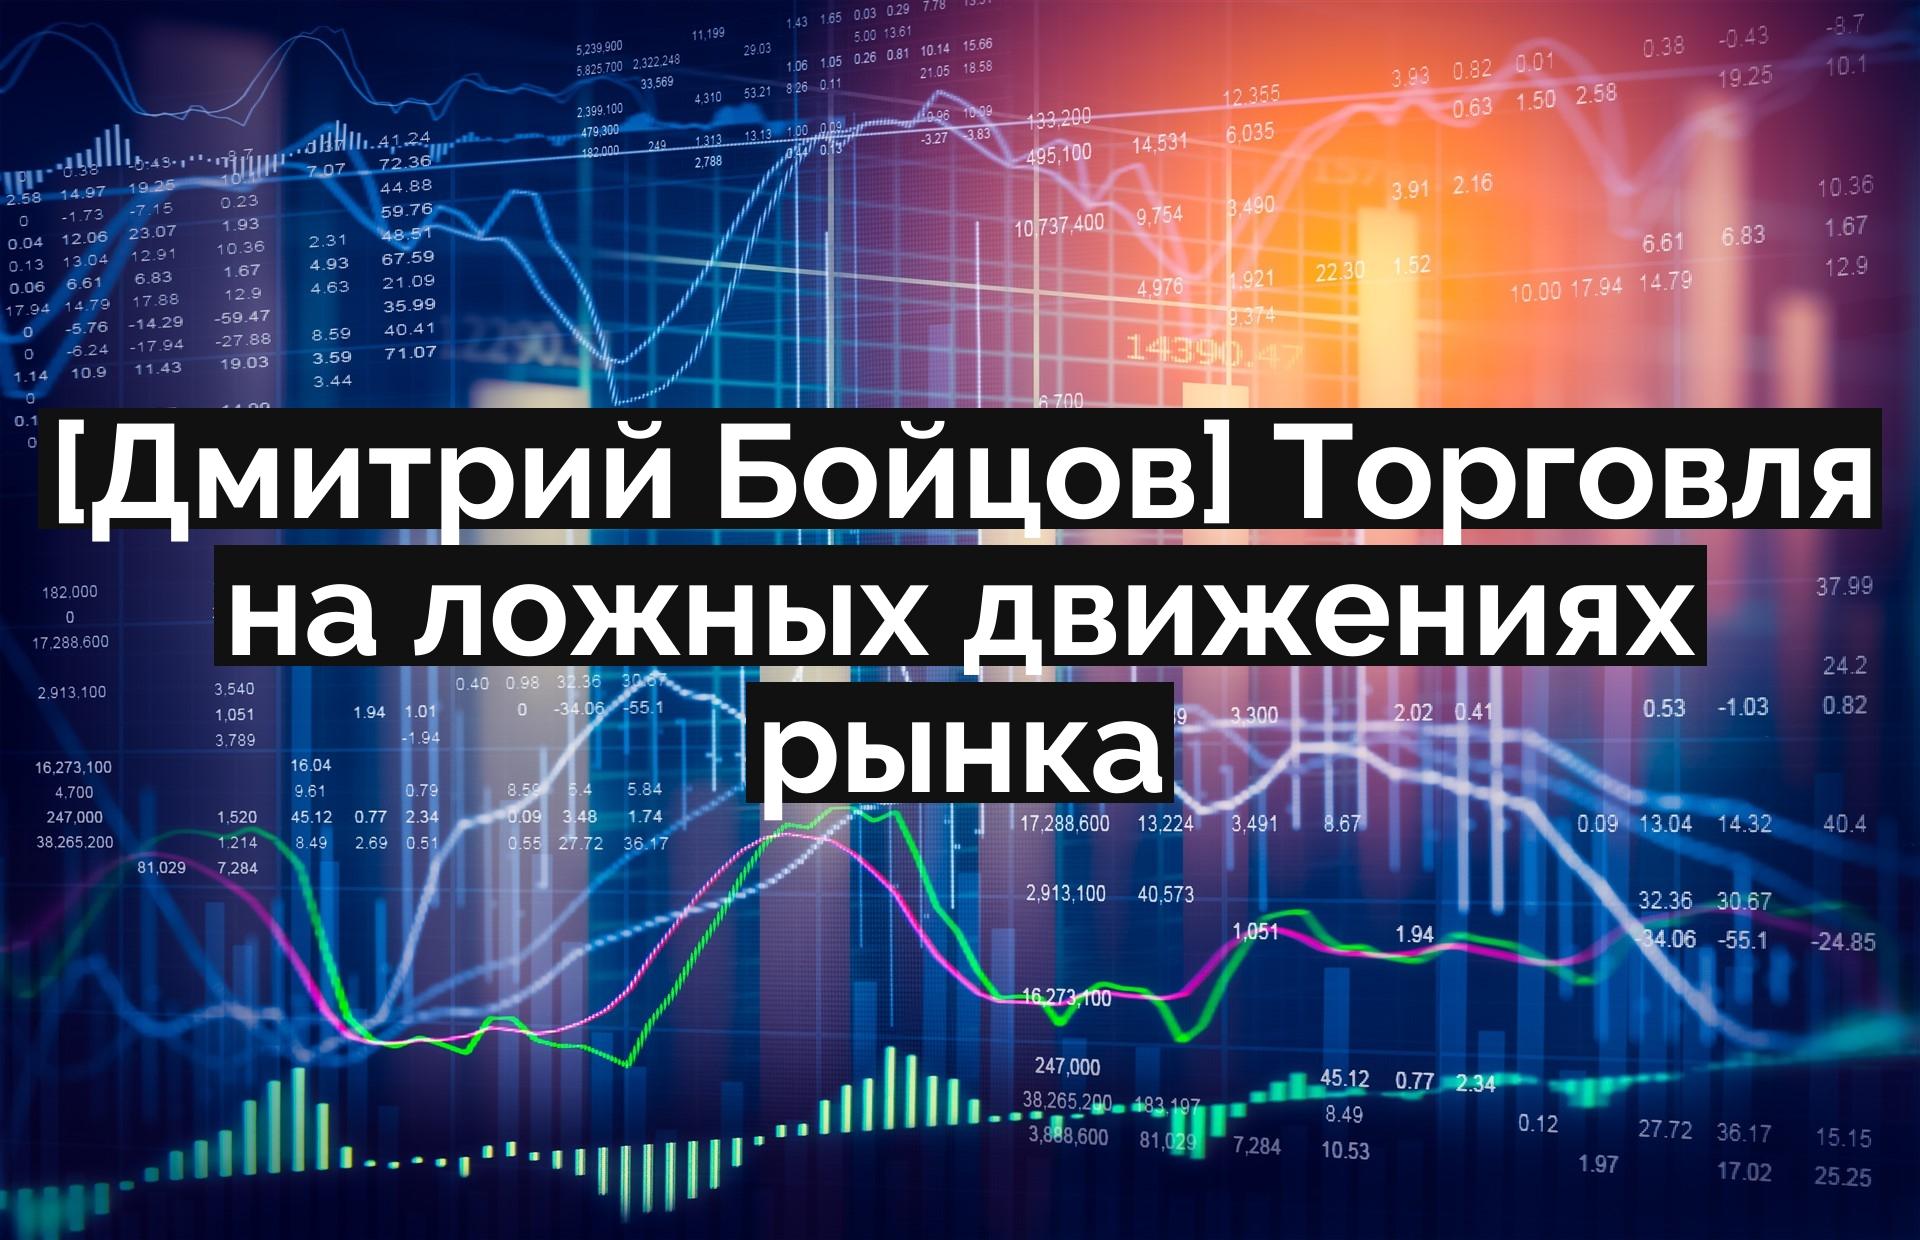 [Дмитрий Бойцов] Торговля на ложных движениях рынка